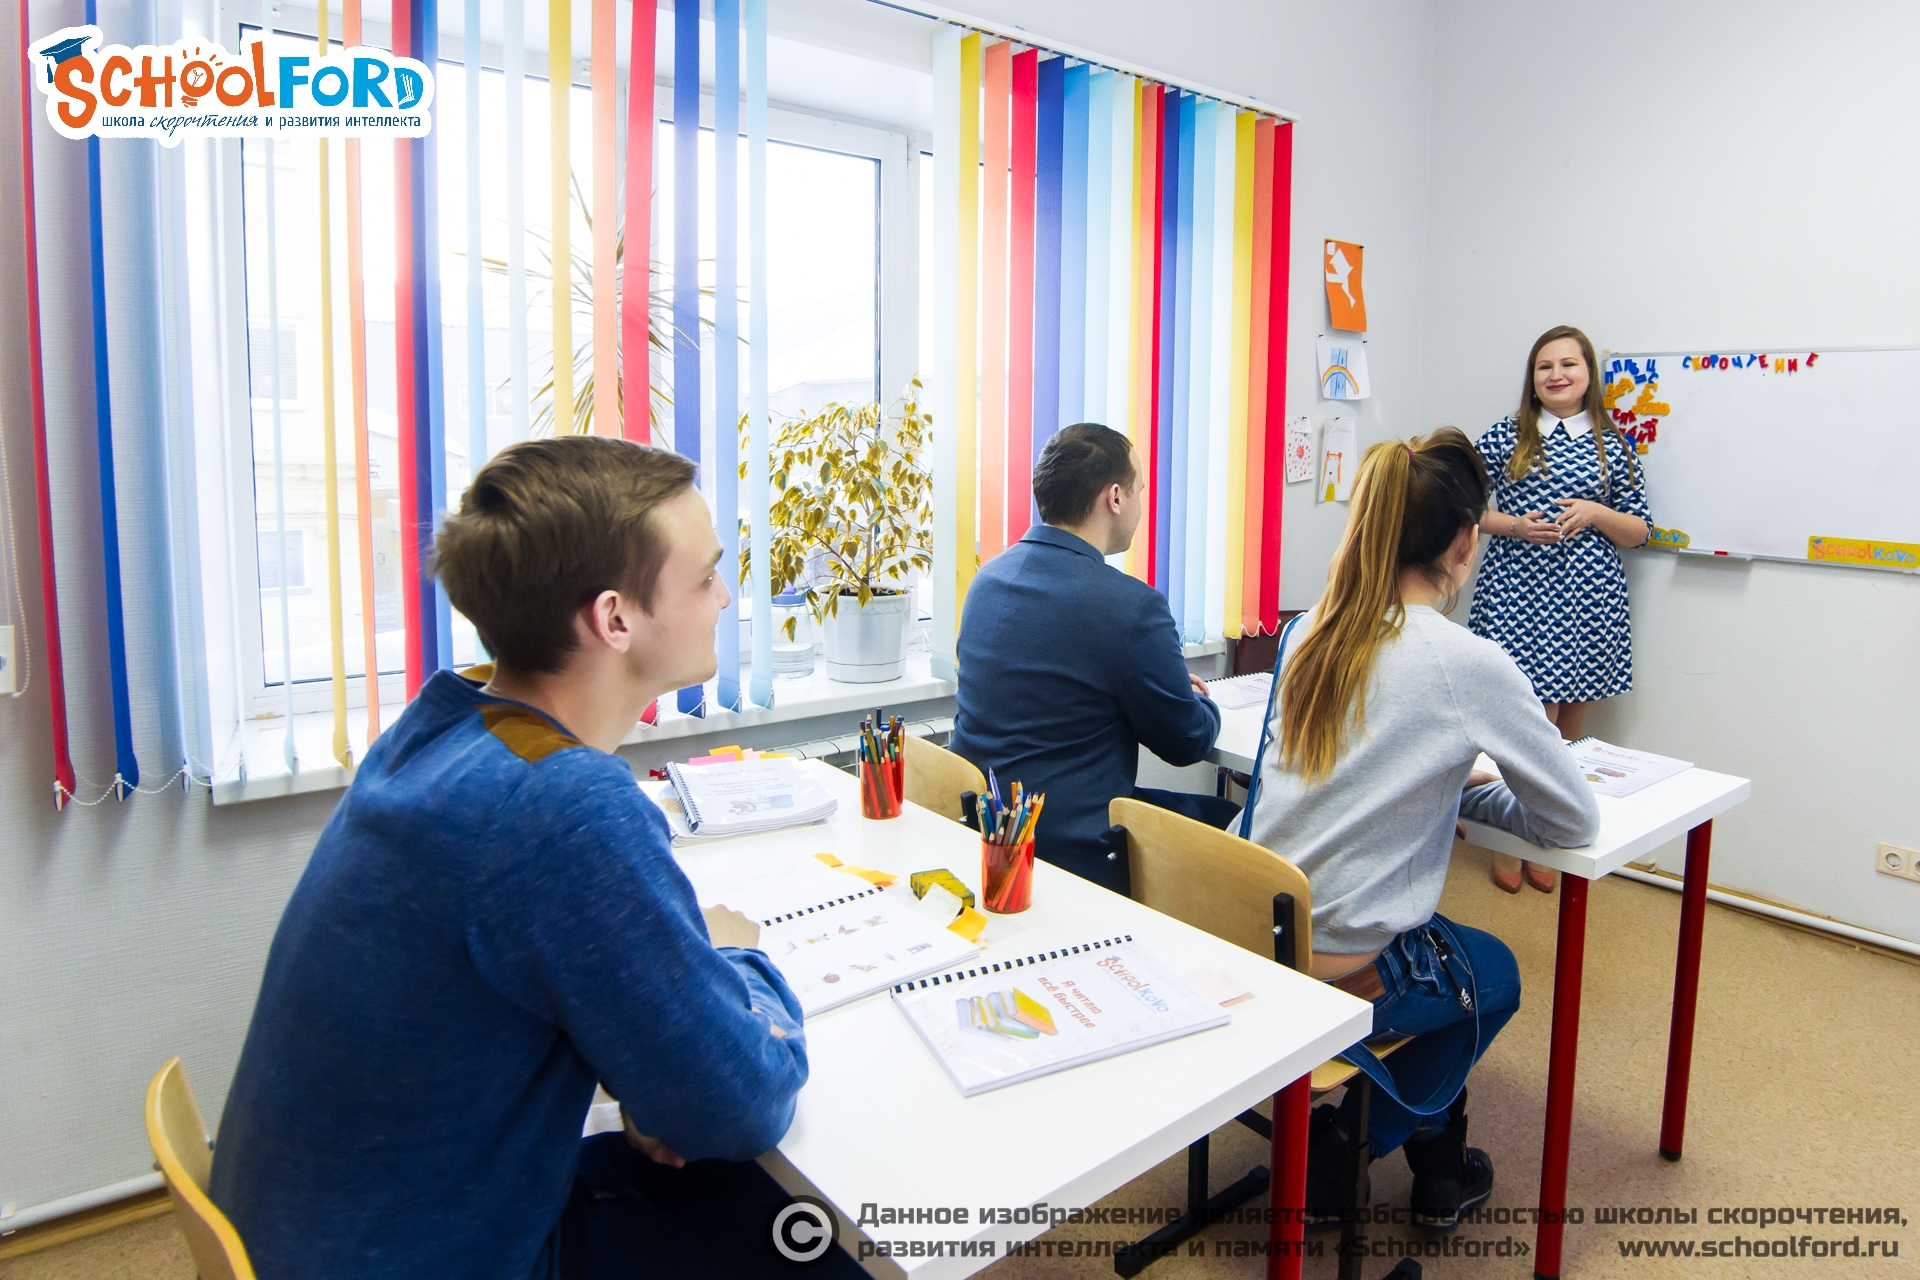 Занятия на курсе «Скорочтение и развитие интеллекта для взрослых». Фото №6